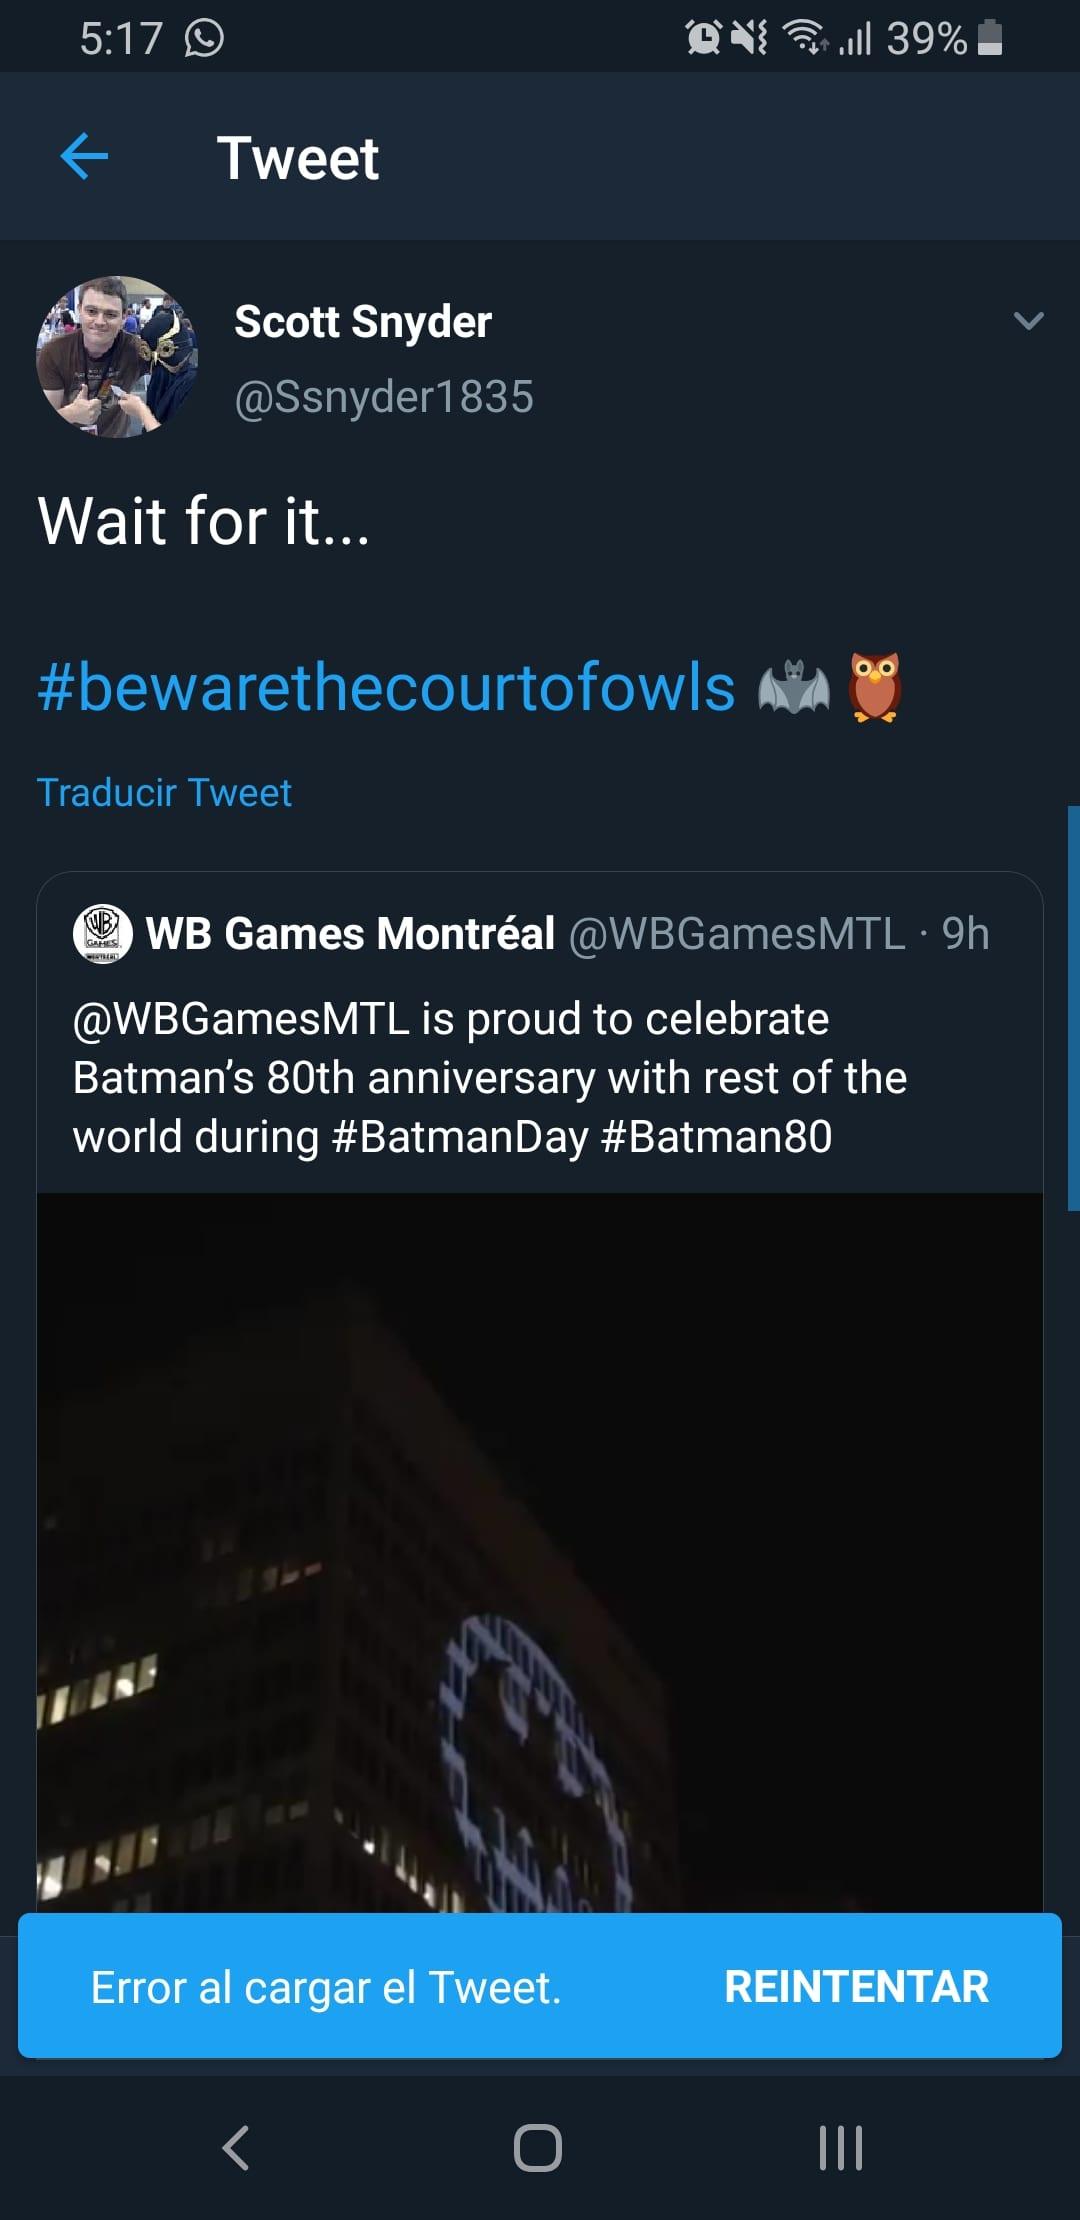 Pare che la Corte dei Gufi sarà presente nel prossimo gioco di Batman